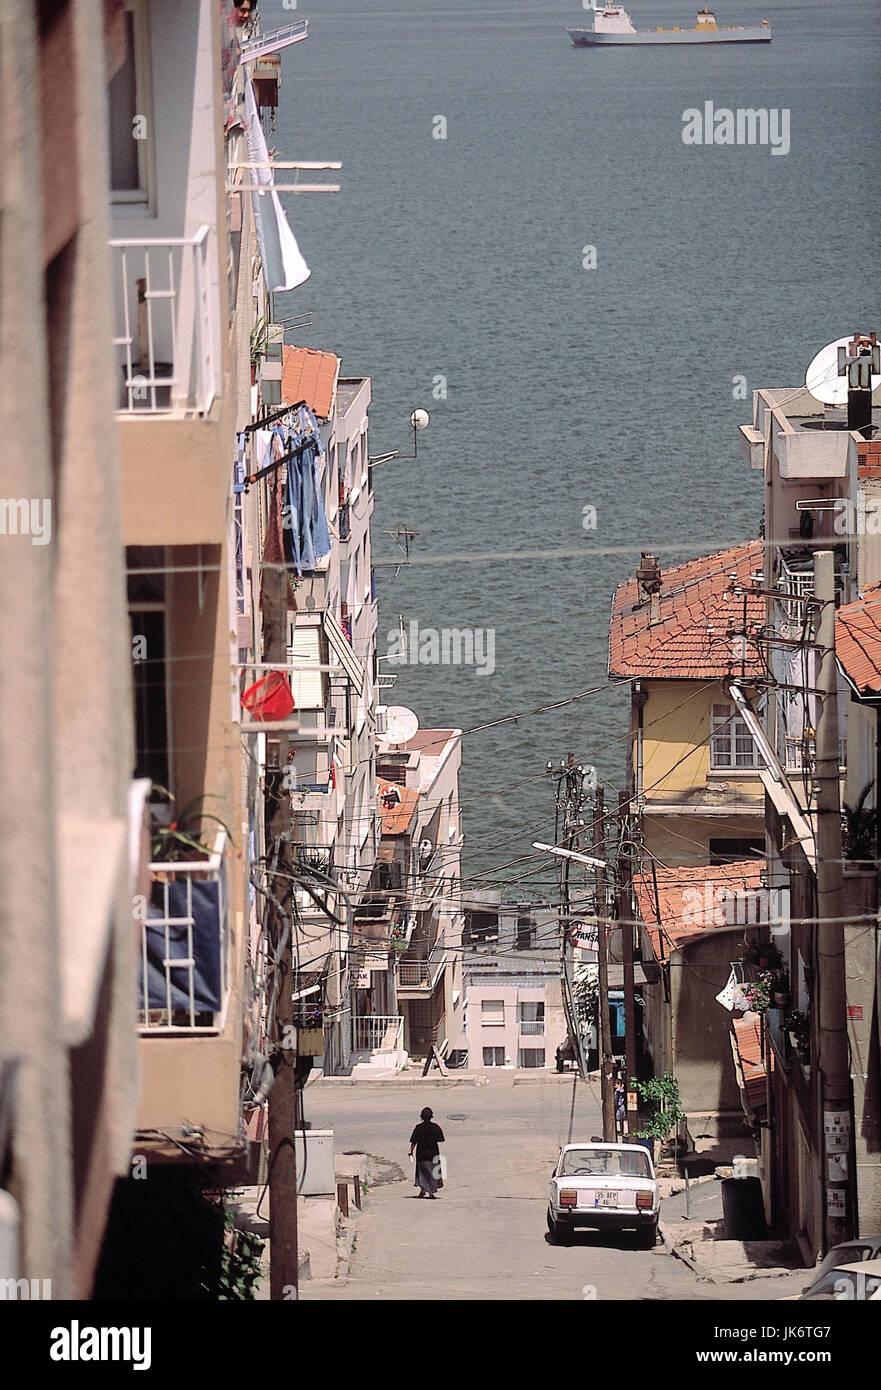 Türkei, Izmir, Jüdisches Viertel 'Asansör', Straße, abschüssig, Meer  Ägäisches - Stock Image